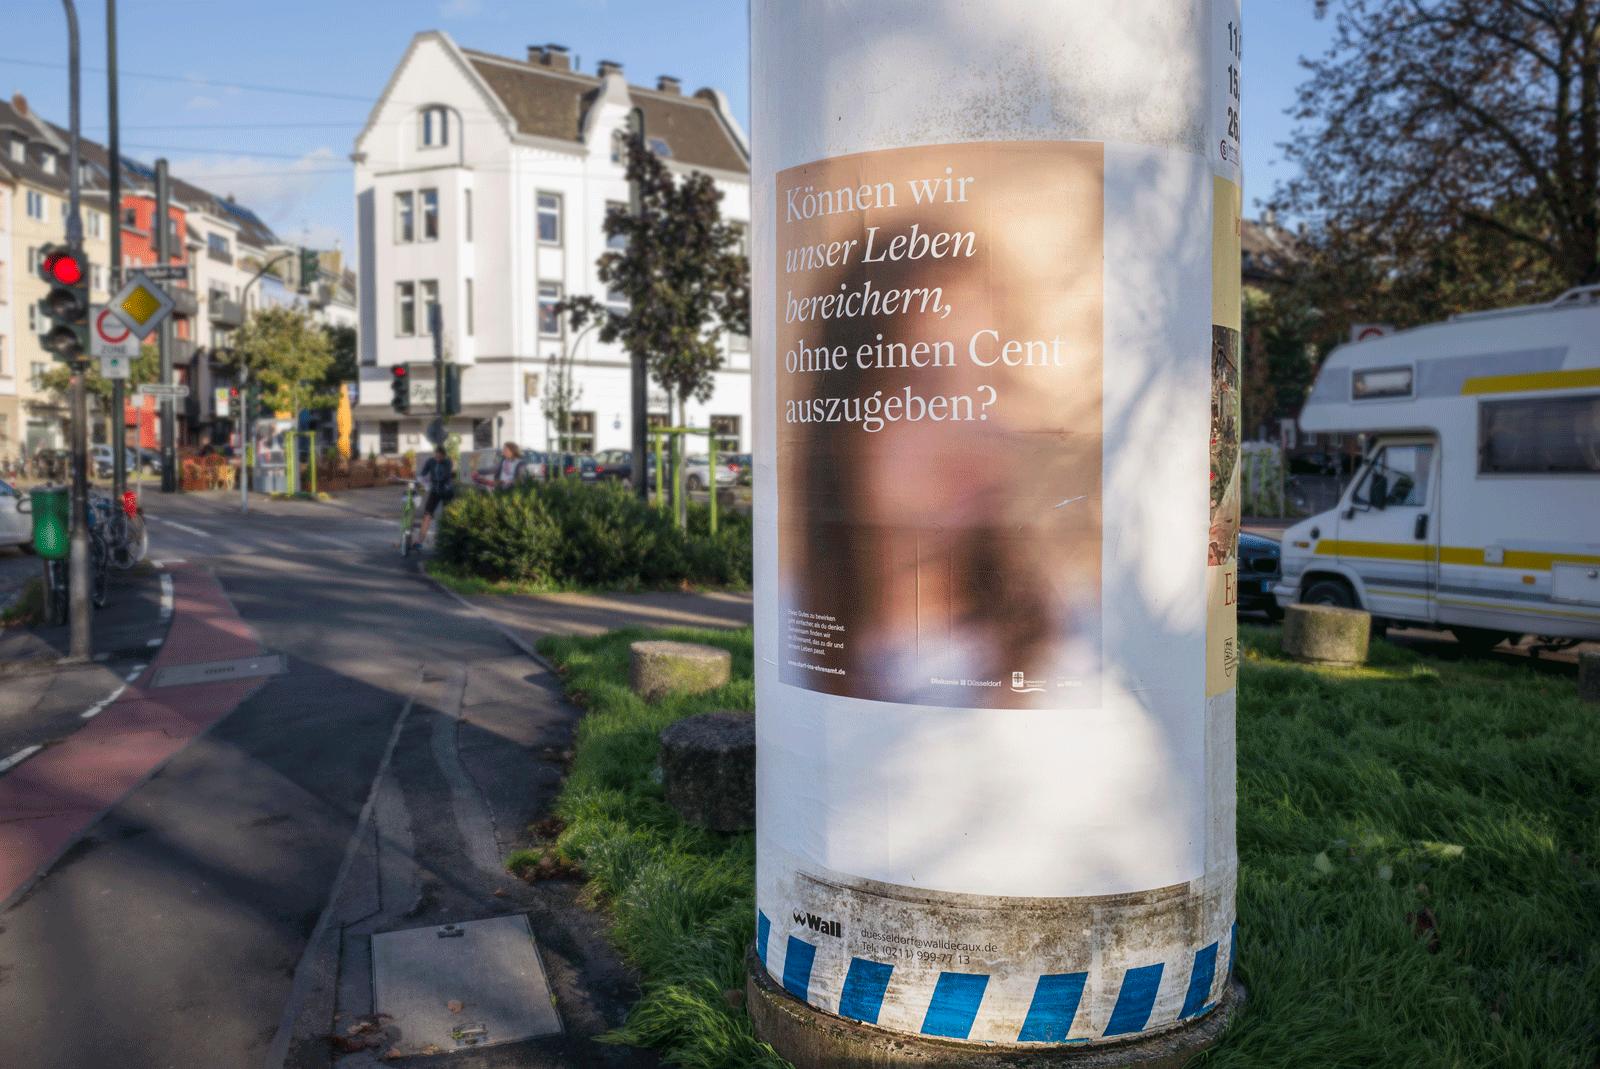 Kampagne, Plakate, Caritas